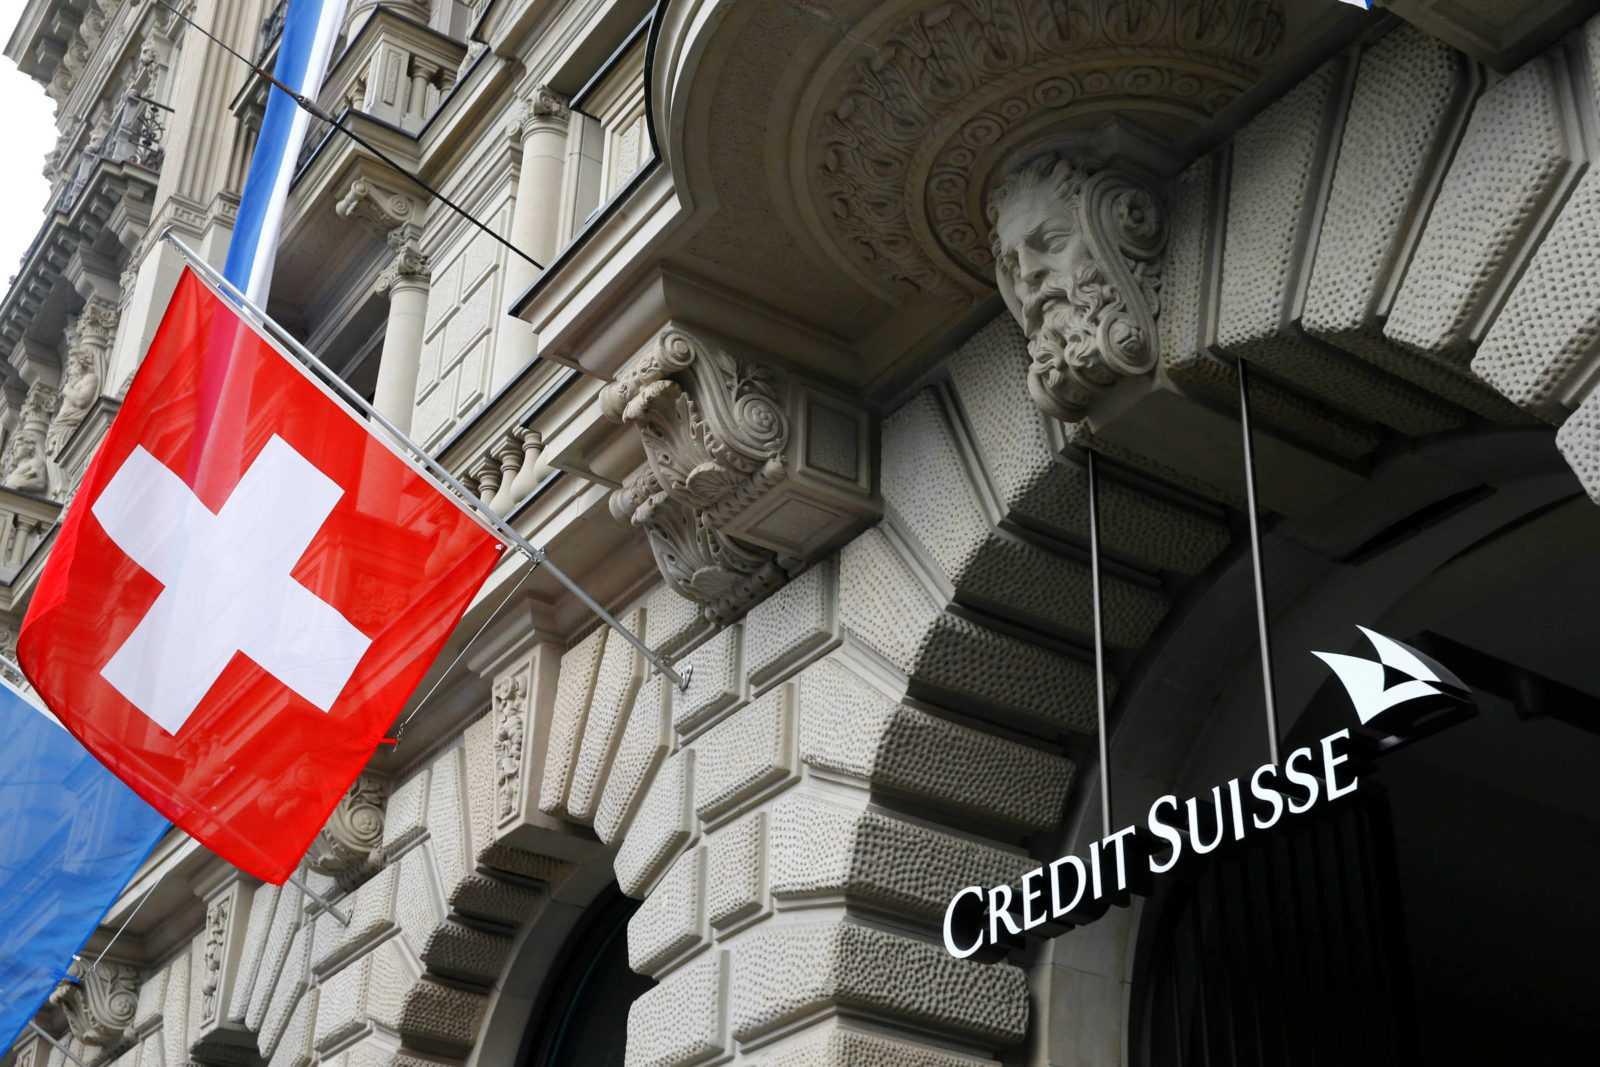 15696061855d8e4a290b3ce 1569606185 3x2 rt - Credit Suisse: высока вероятность консолидации